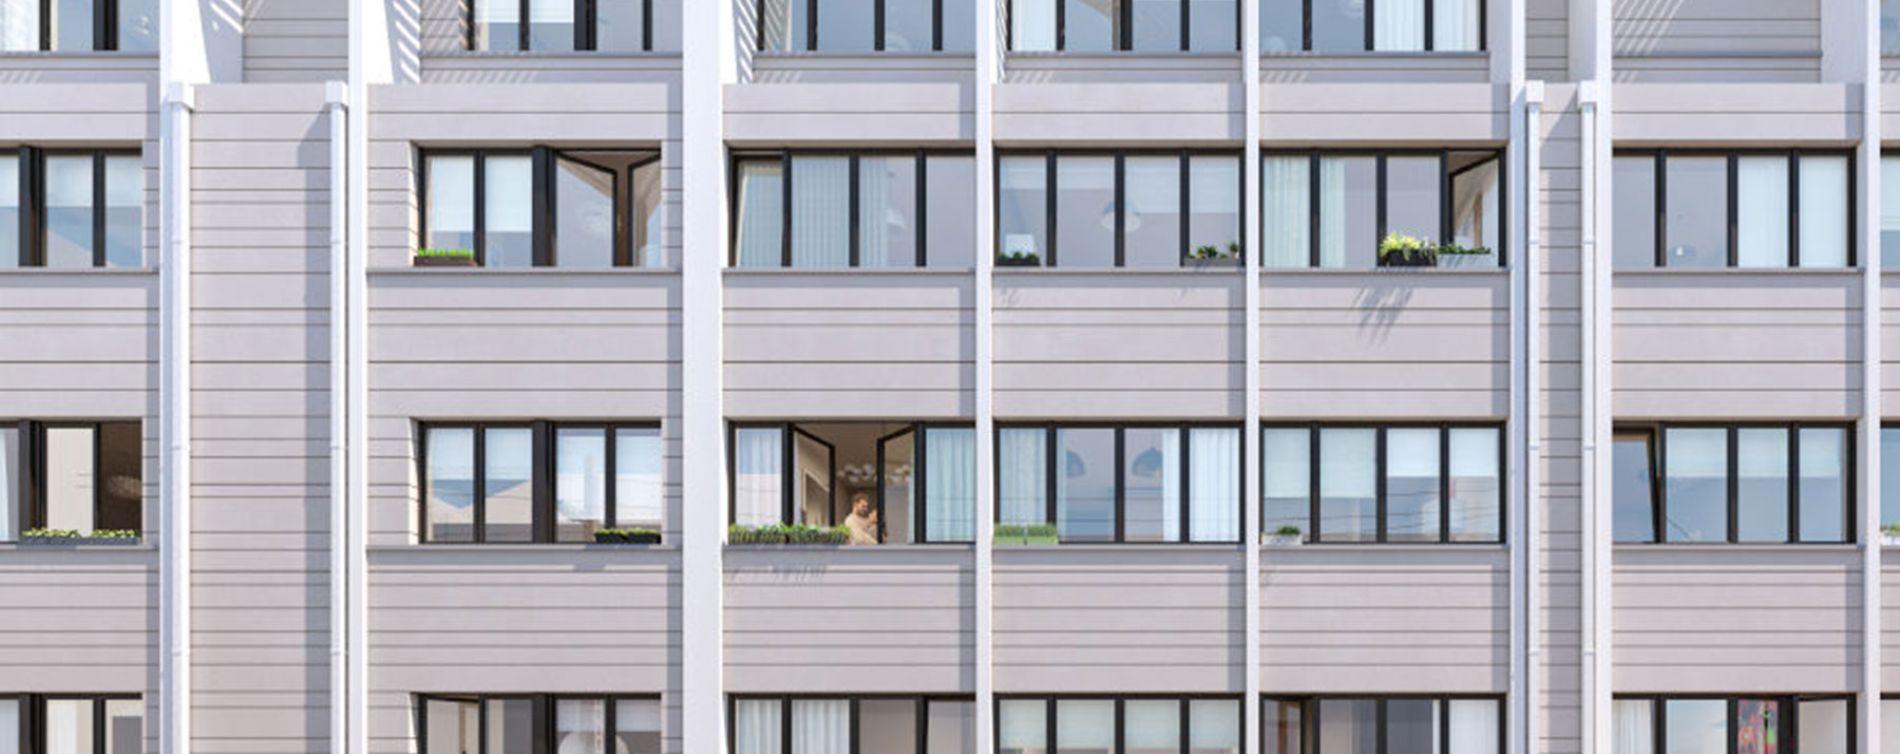 Reims : programme immobilier à rénover « Résidence 31 2 » en Loi Pinel ancien (2)